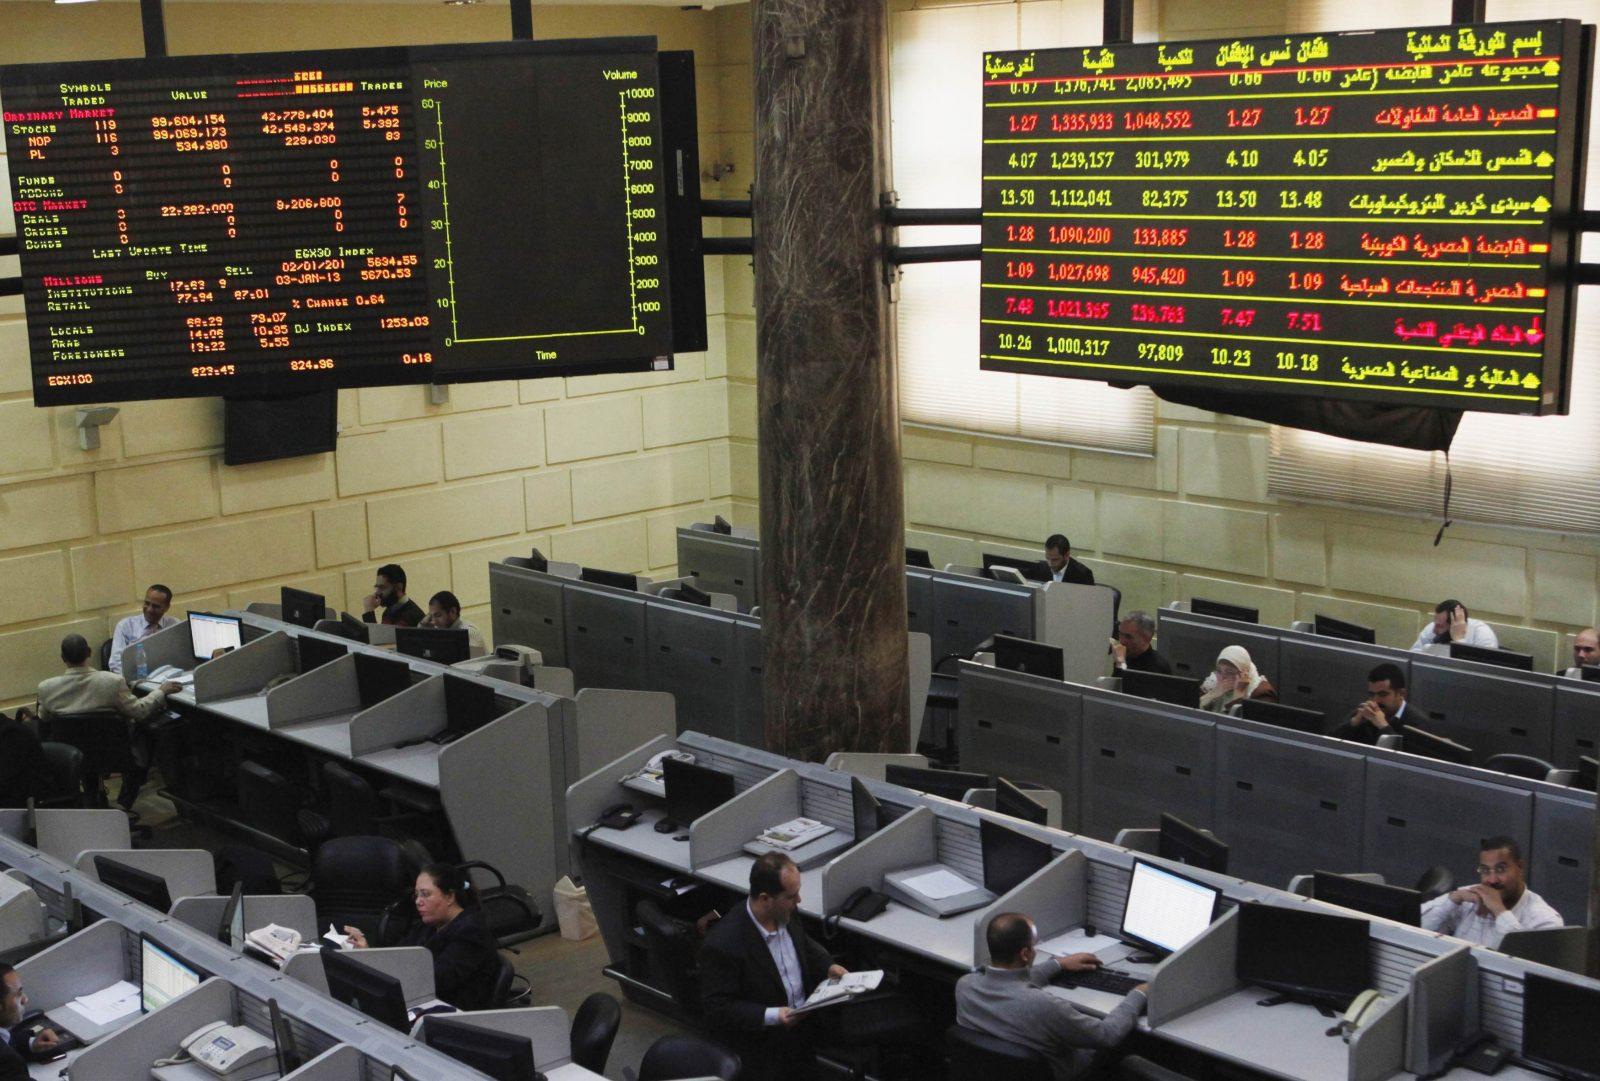 رغم مبادرات الحكومة.. سيناريوهات غامضة تواجه البورصة المصرية جراء «كورونا» - جريدة المال